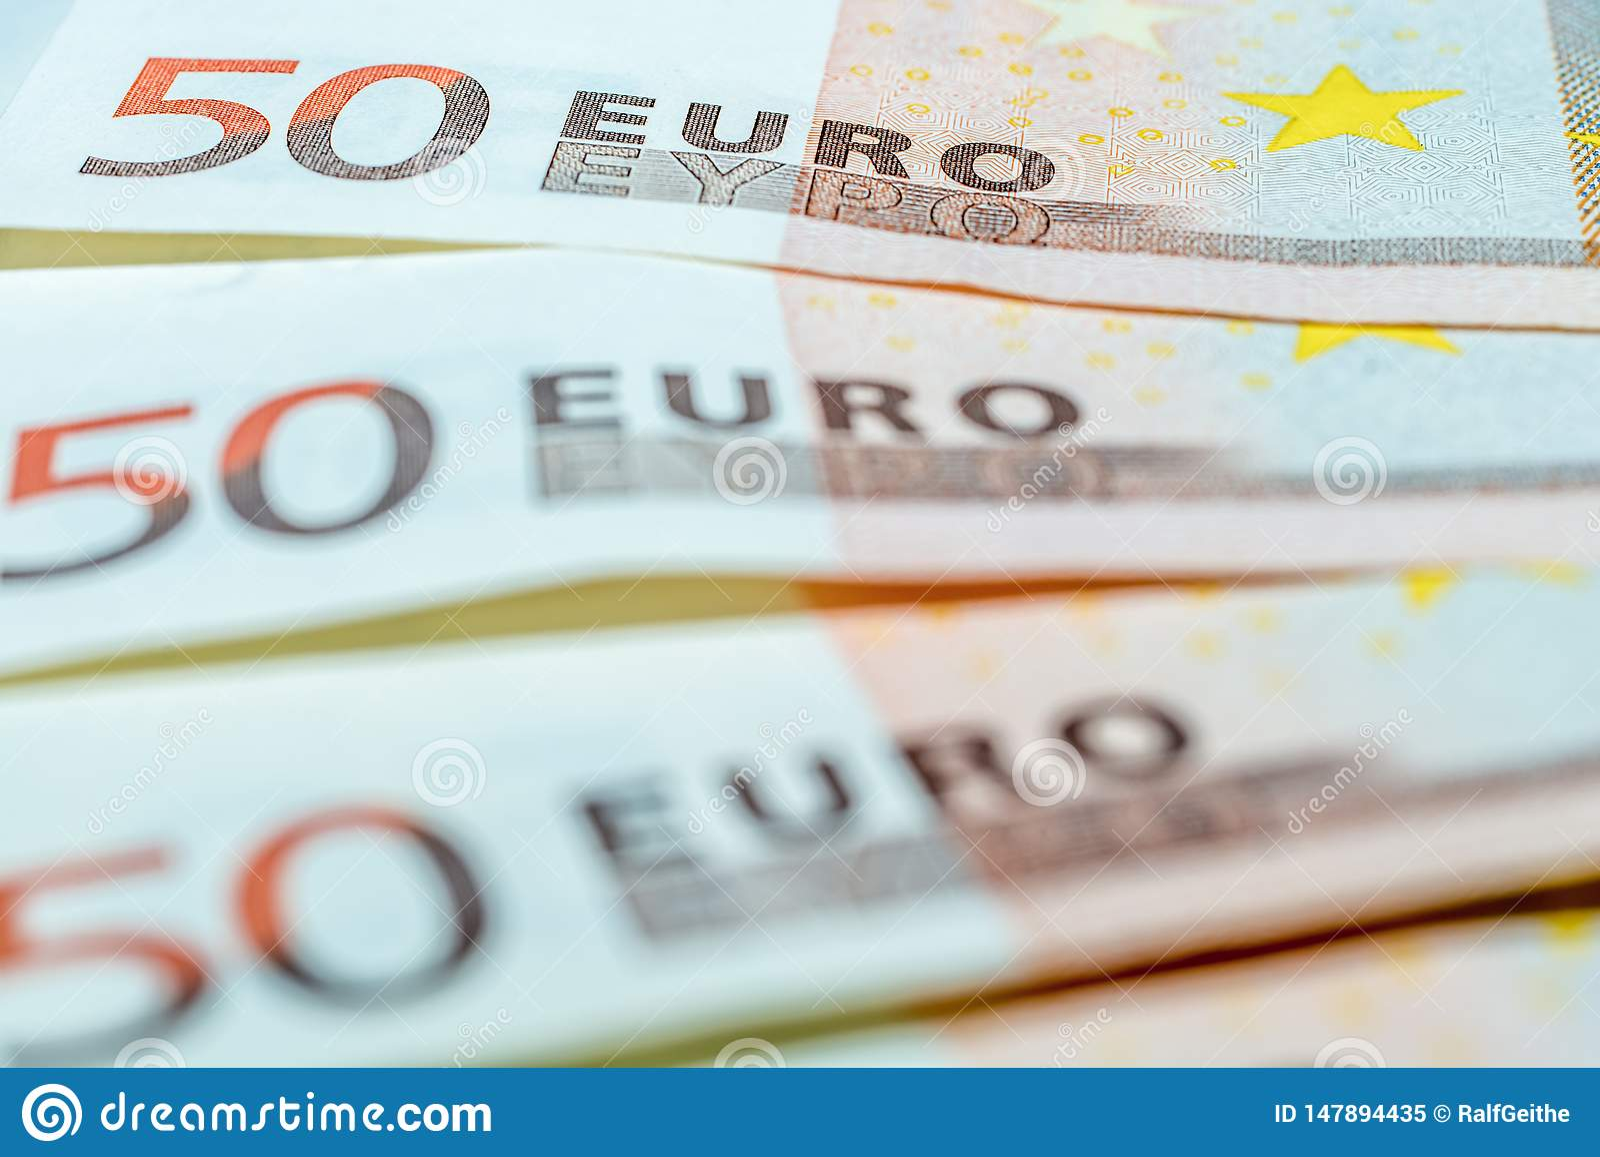 Três 50 contas do Euro como um símbolo da finança